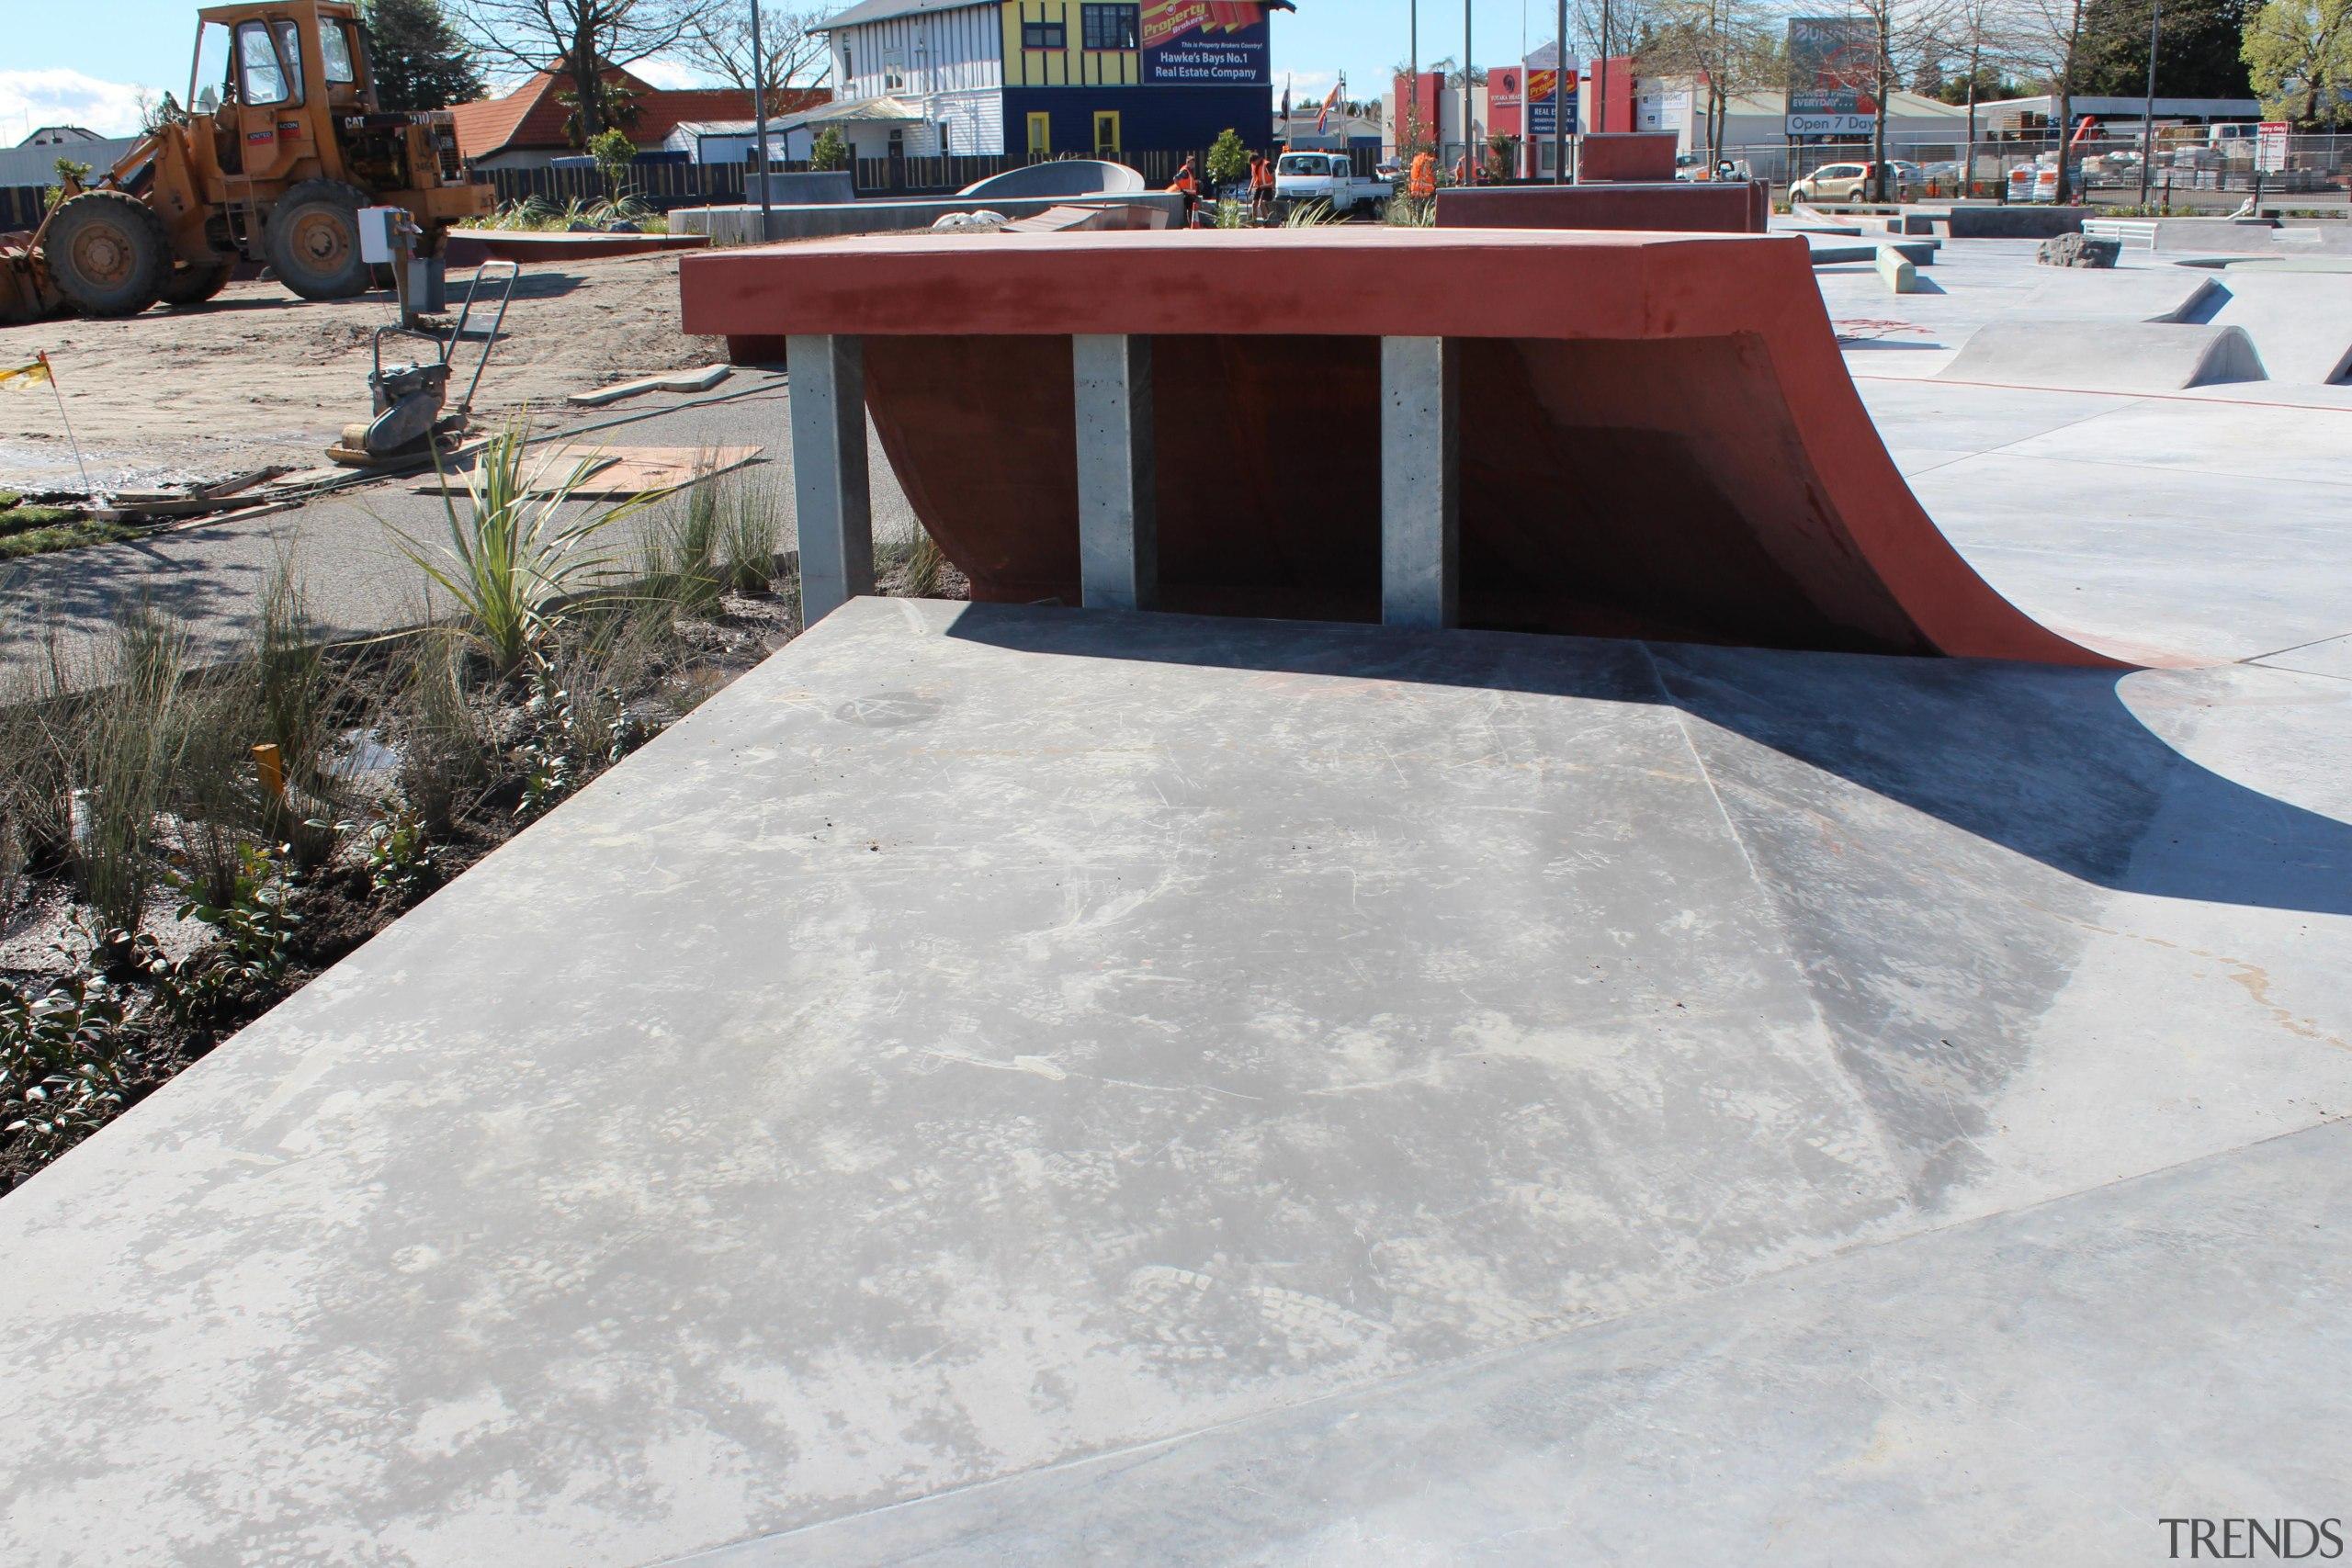 Colourmix 14 - Colourmix_14 - asphalt | concrete asphalt, concrete, outdoor structure, road surface, roof, walkway, gray